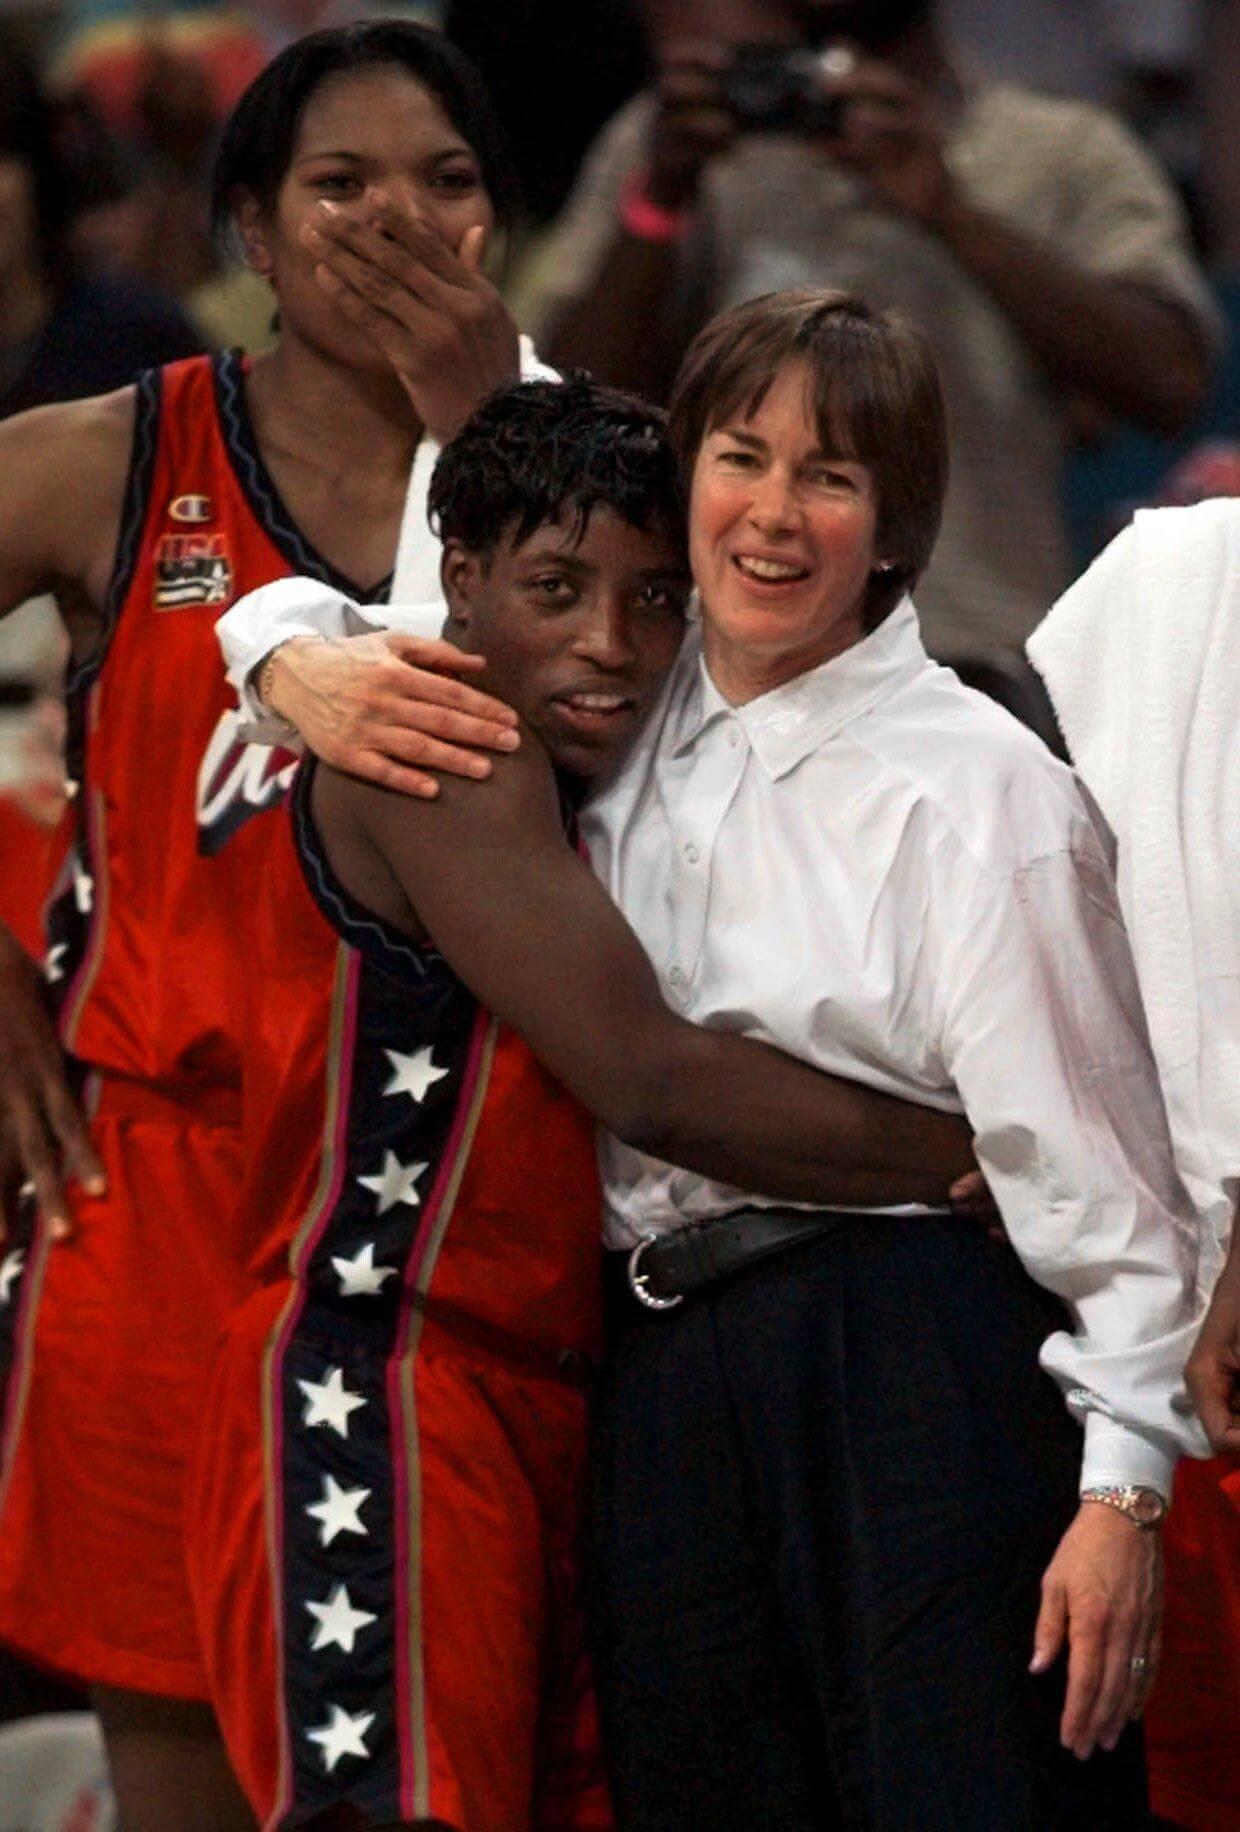 Coach Tara VanDerveer in the 1996 Summer Olympic Games in Atlanta